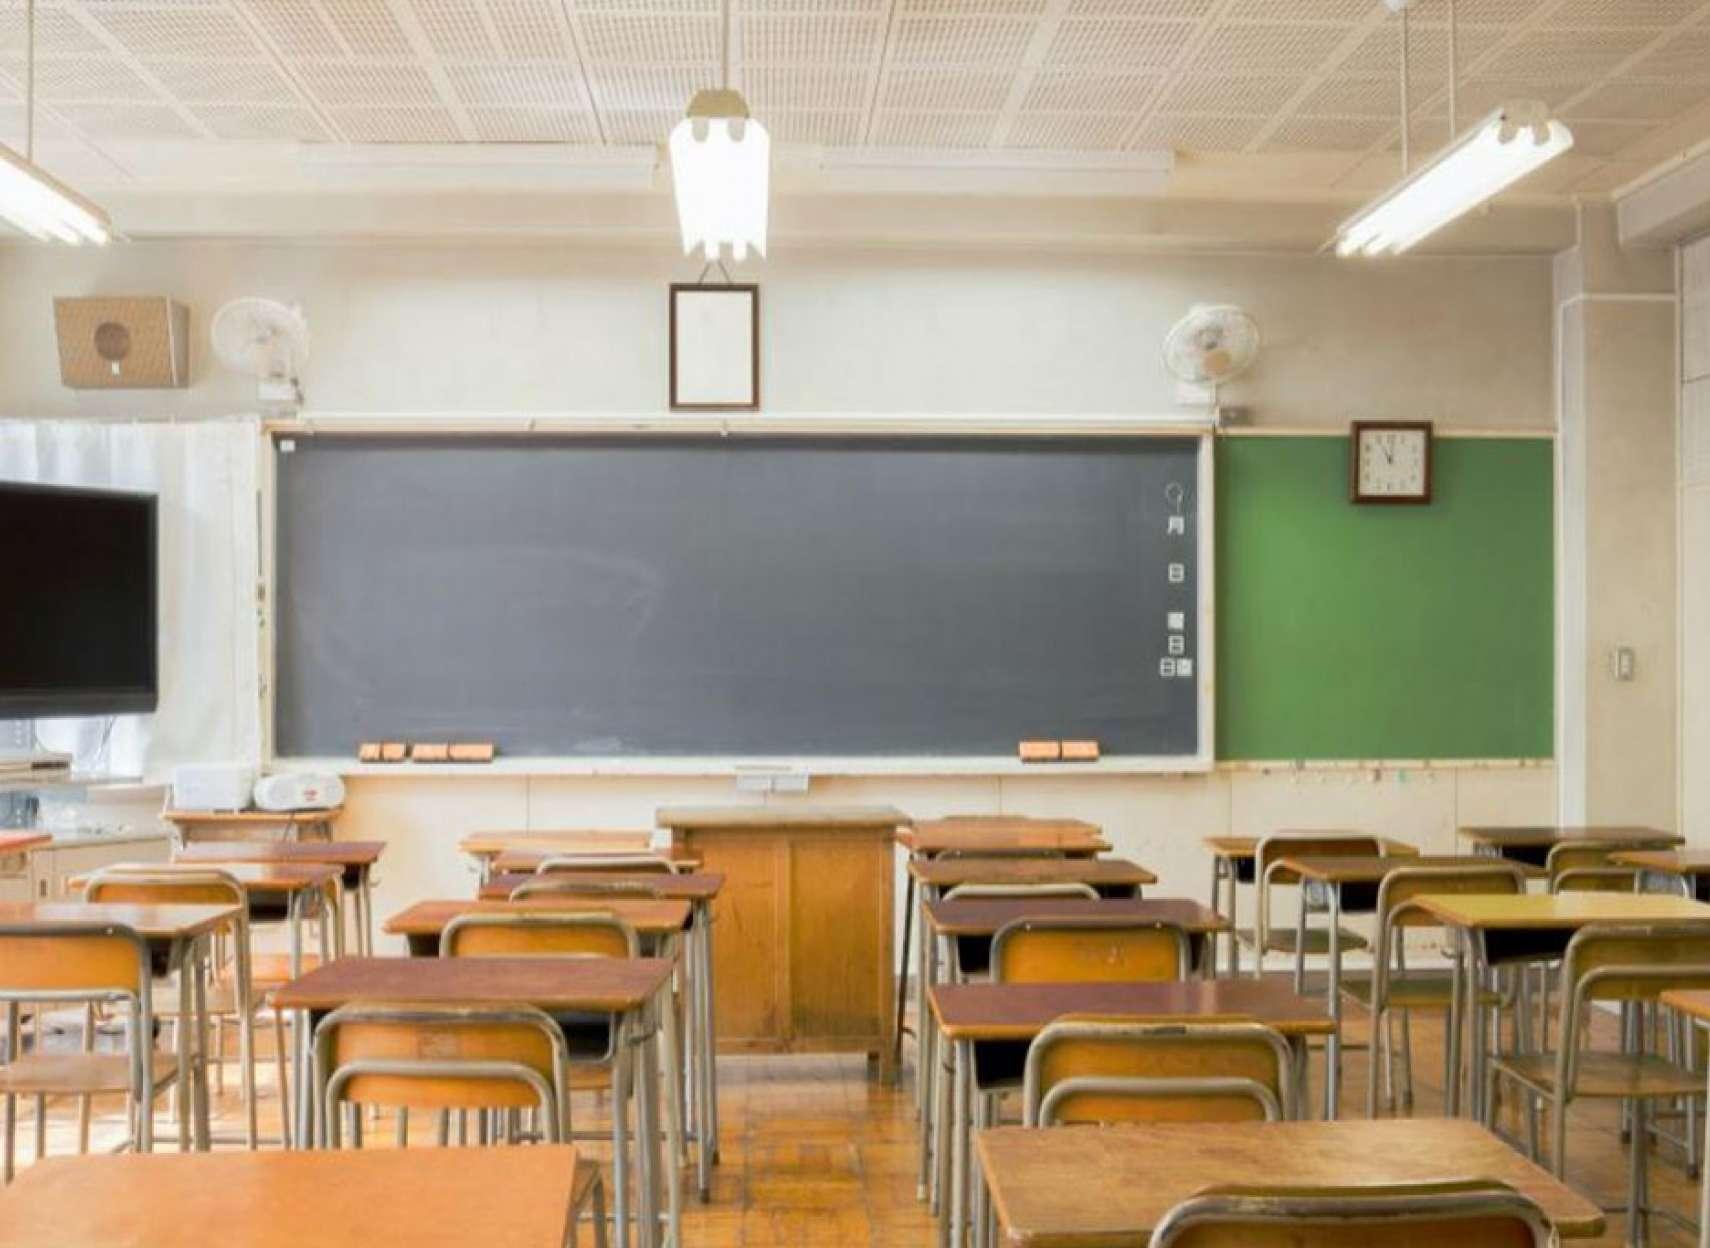 اخبار-تورنتو-مدارس-انتاریو-2-هفته-تعطیل-شدند